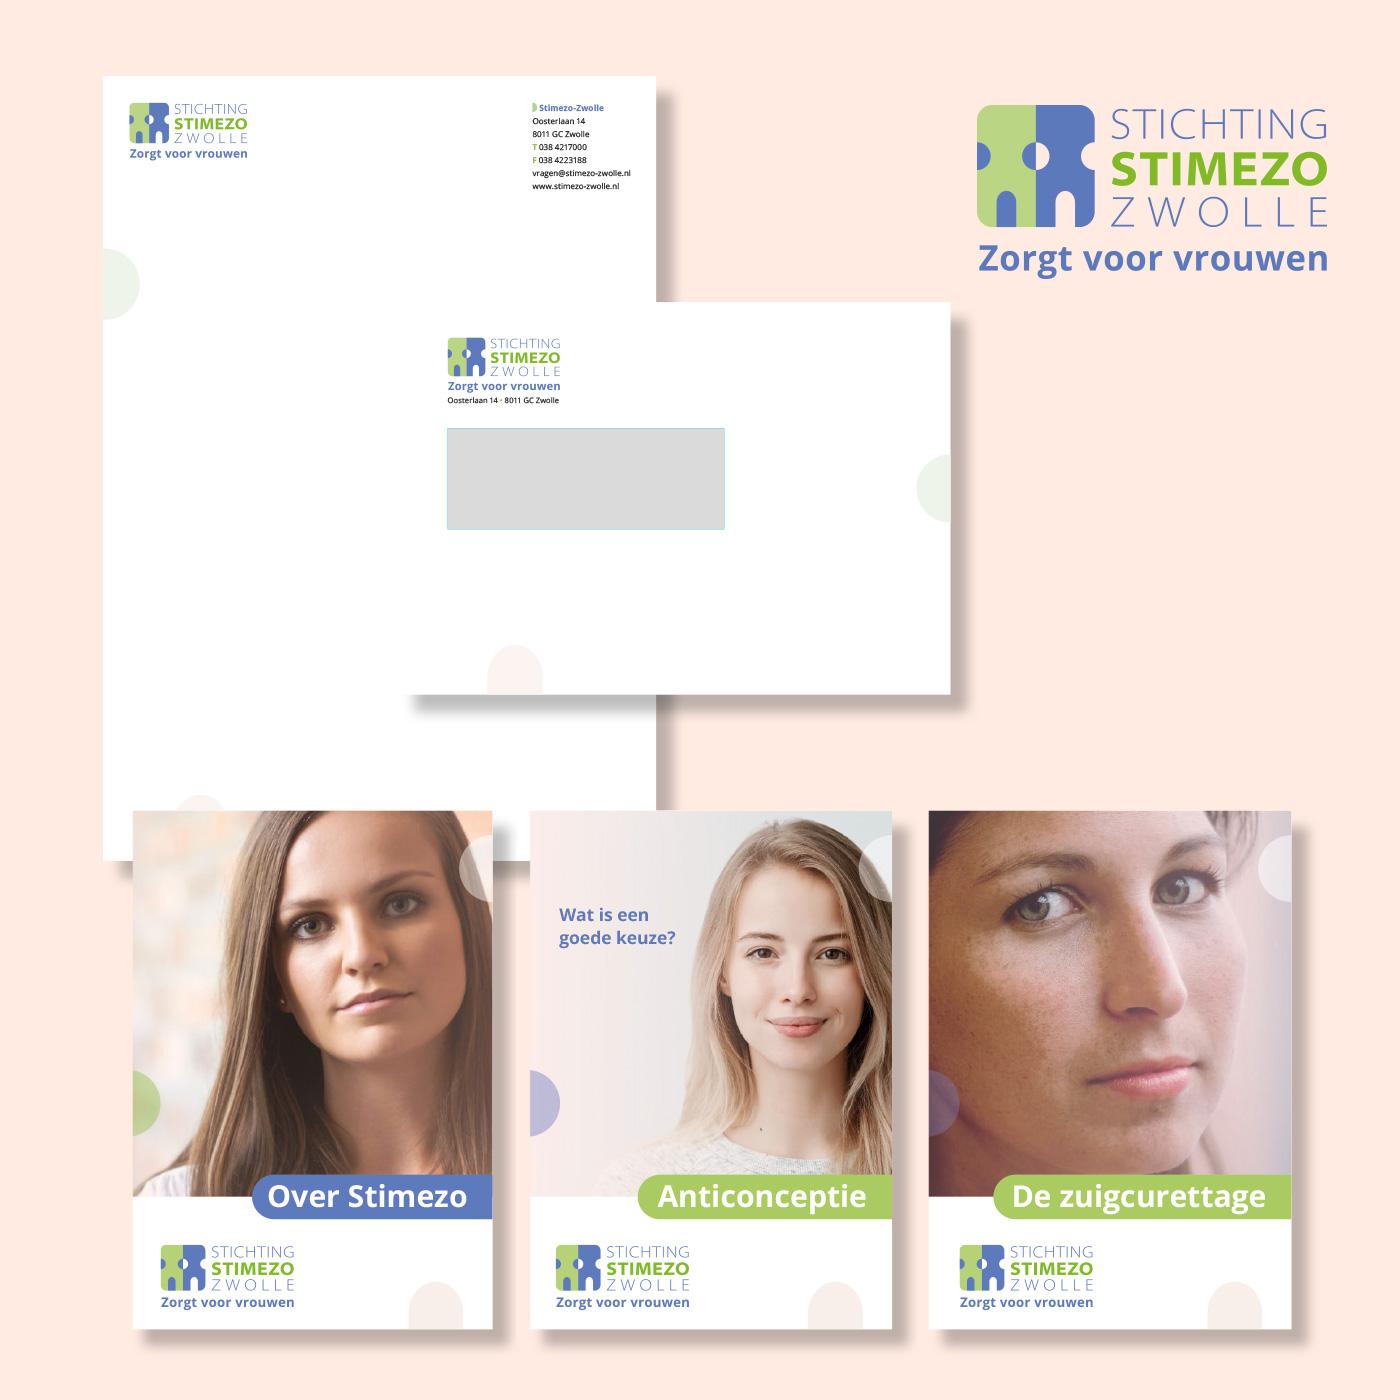 Voor vrouwenkliniek Stimezo Zwolle gaf ik het bestaande logo een 'facelift' en ontwierp en drukte ik huisstijlitems en voorlichtingsfolders. Volgende stap is de website.